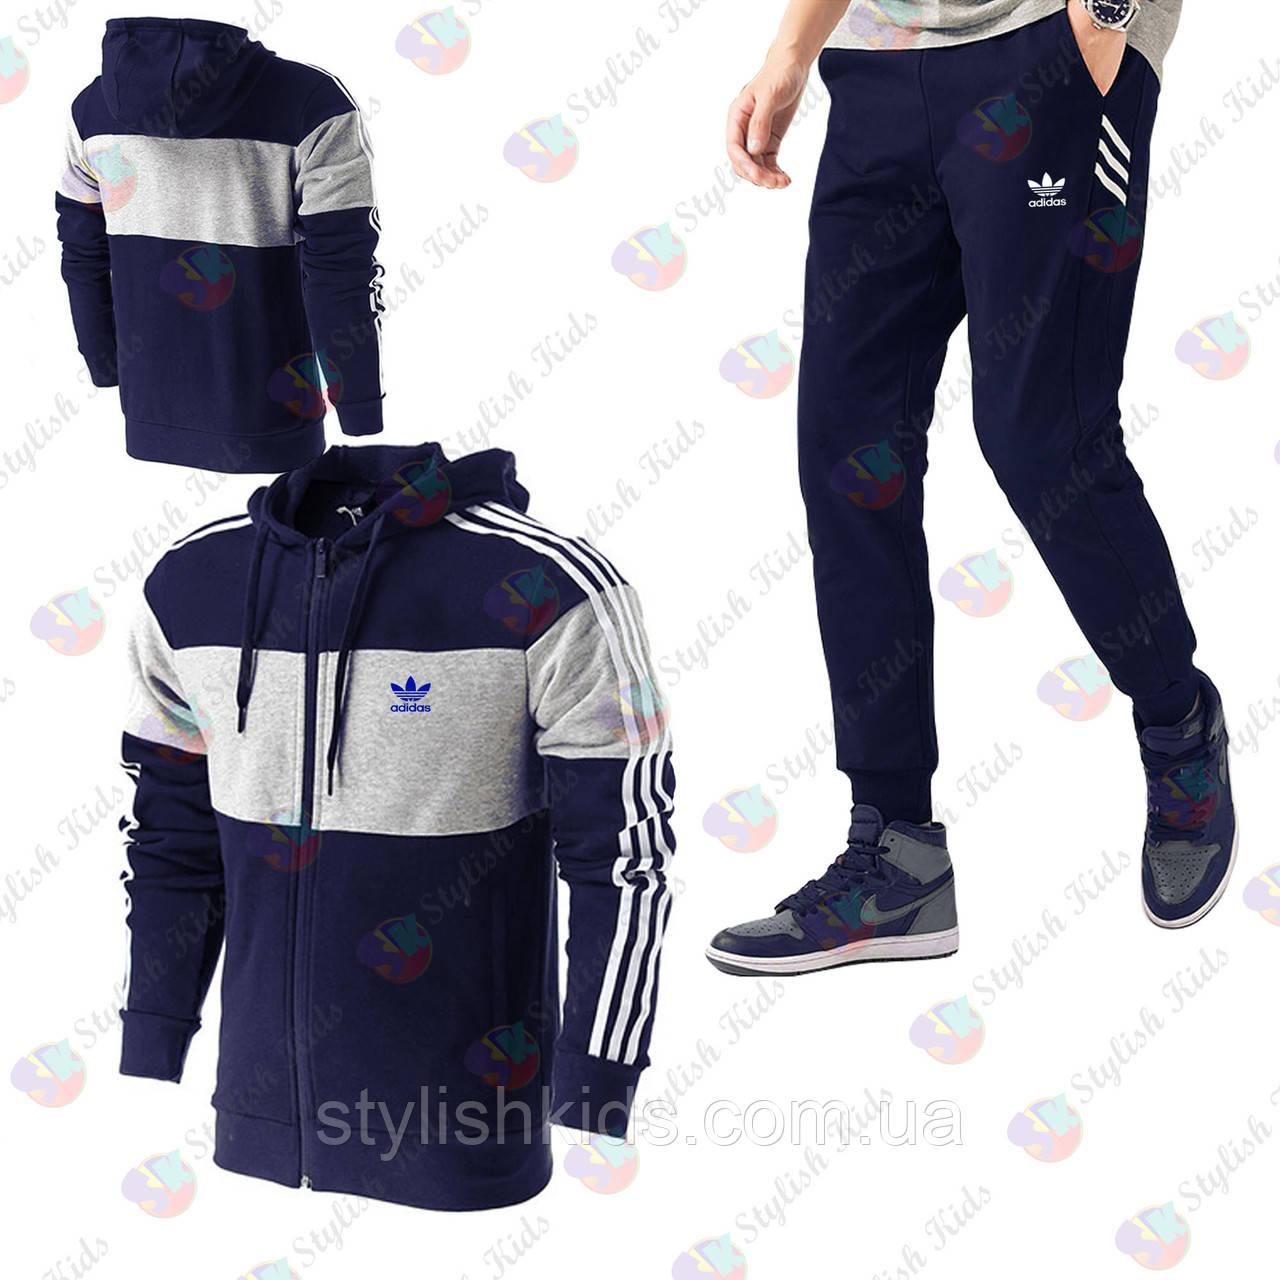 03d271bd4b10c1 Купить спортивный костюм подростковый adidas.Спортивный костюм купить в интернет  магазине.